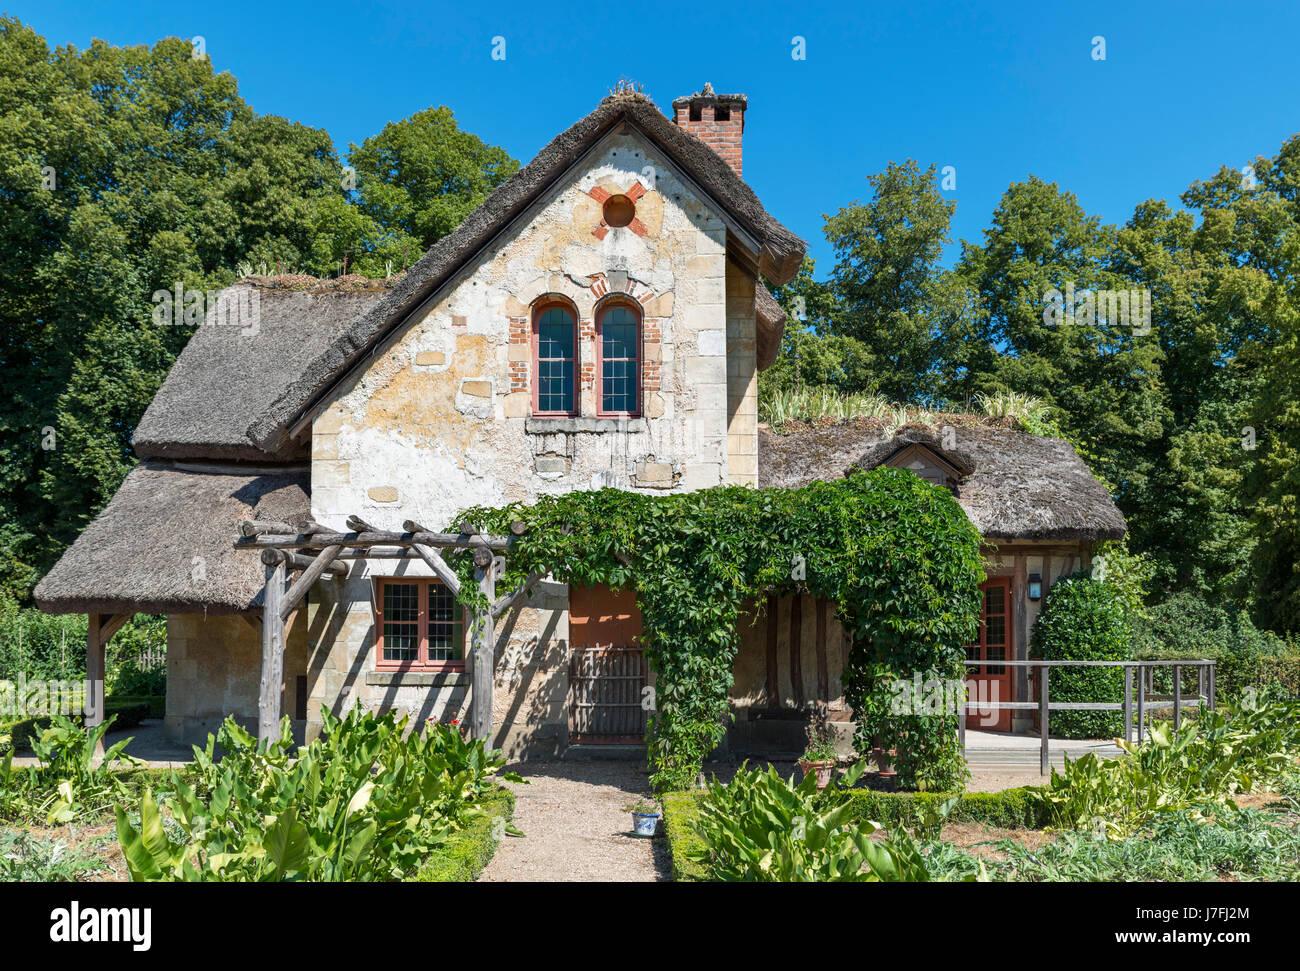 La Maison du Jardinier (Gardener's House) in the Hameau de la Reine (Queen's Hamlet), Chateau de Versailles, - Stock Image